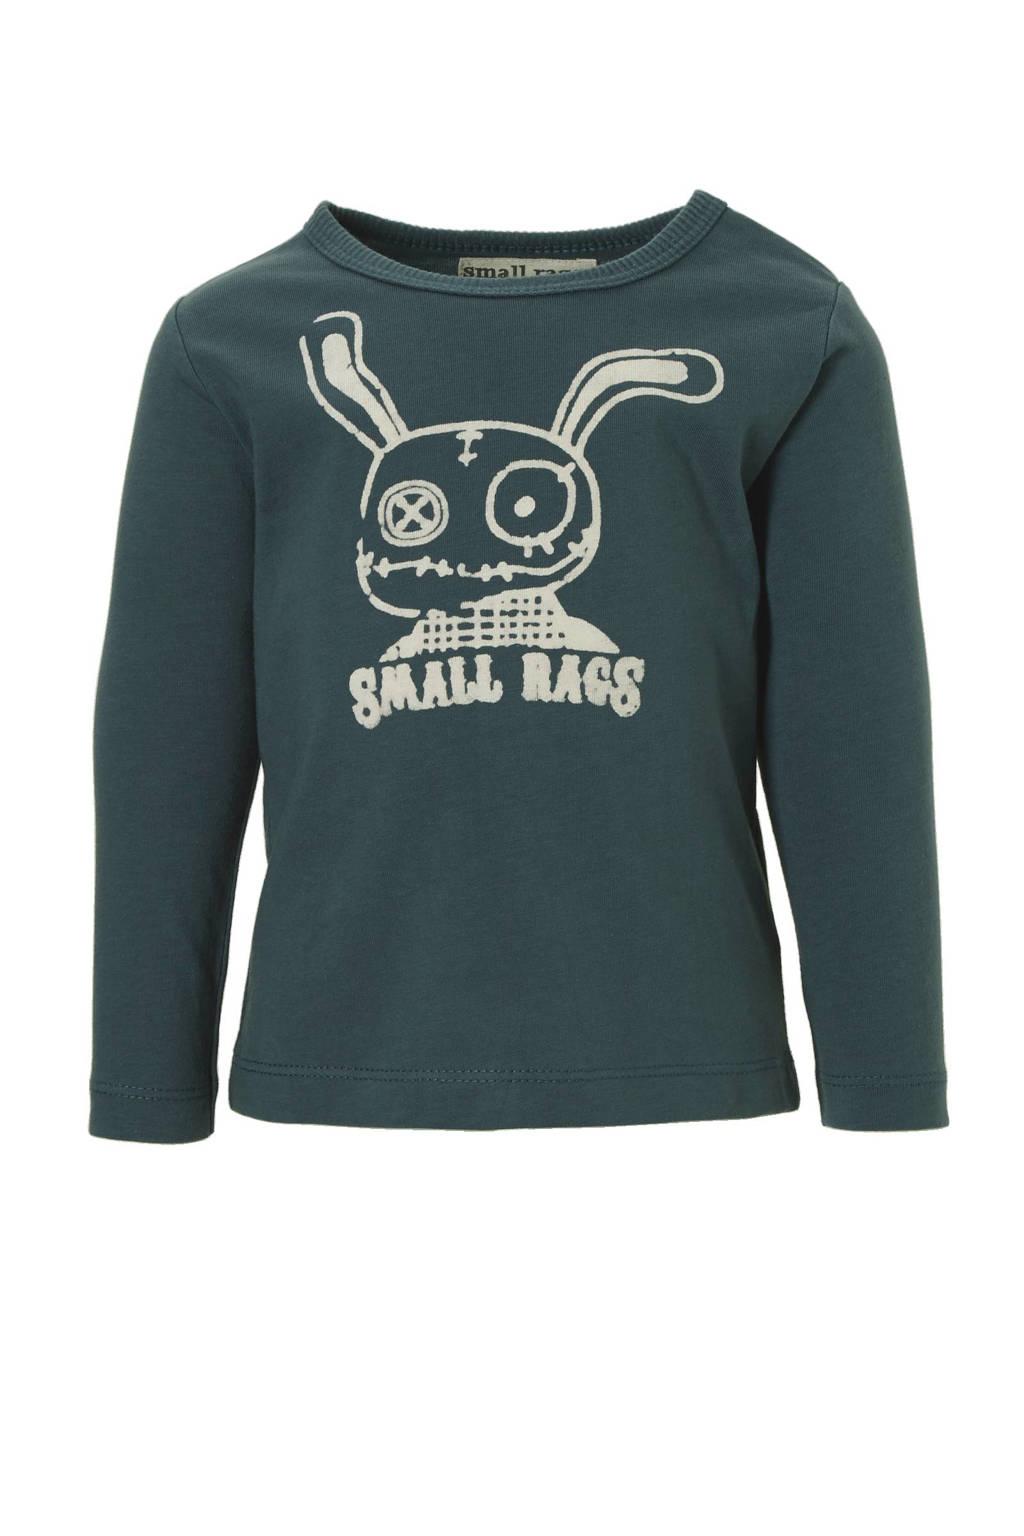 Small Rags T-shirt Hubert, Blauw